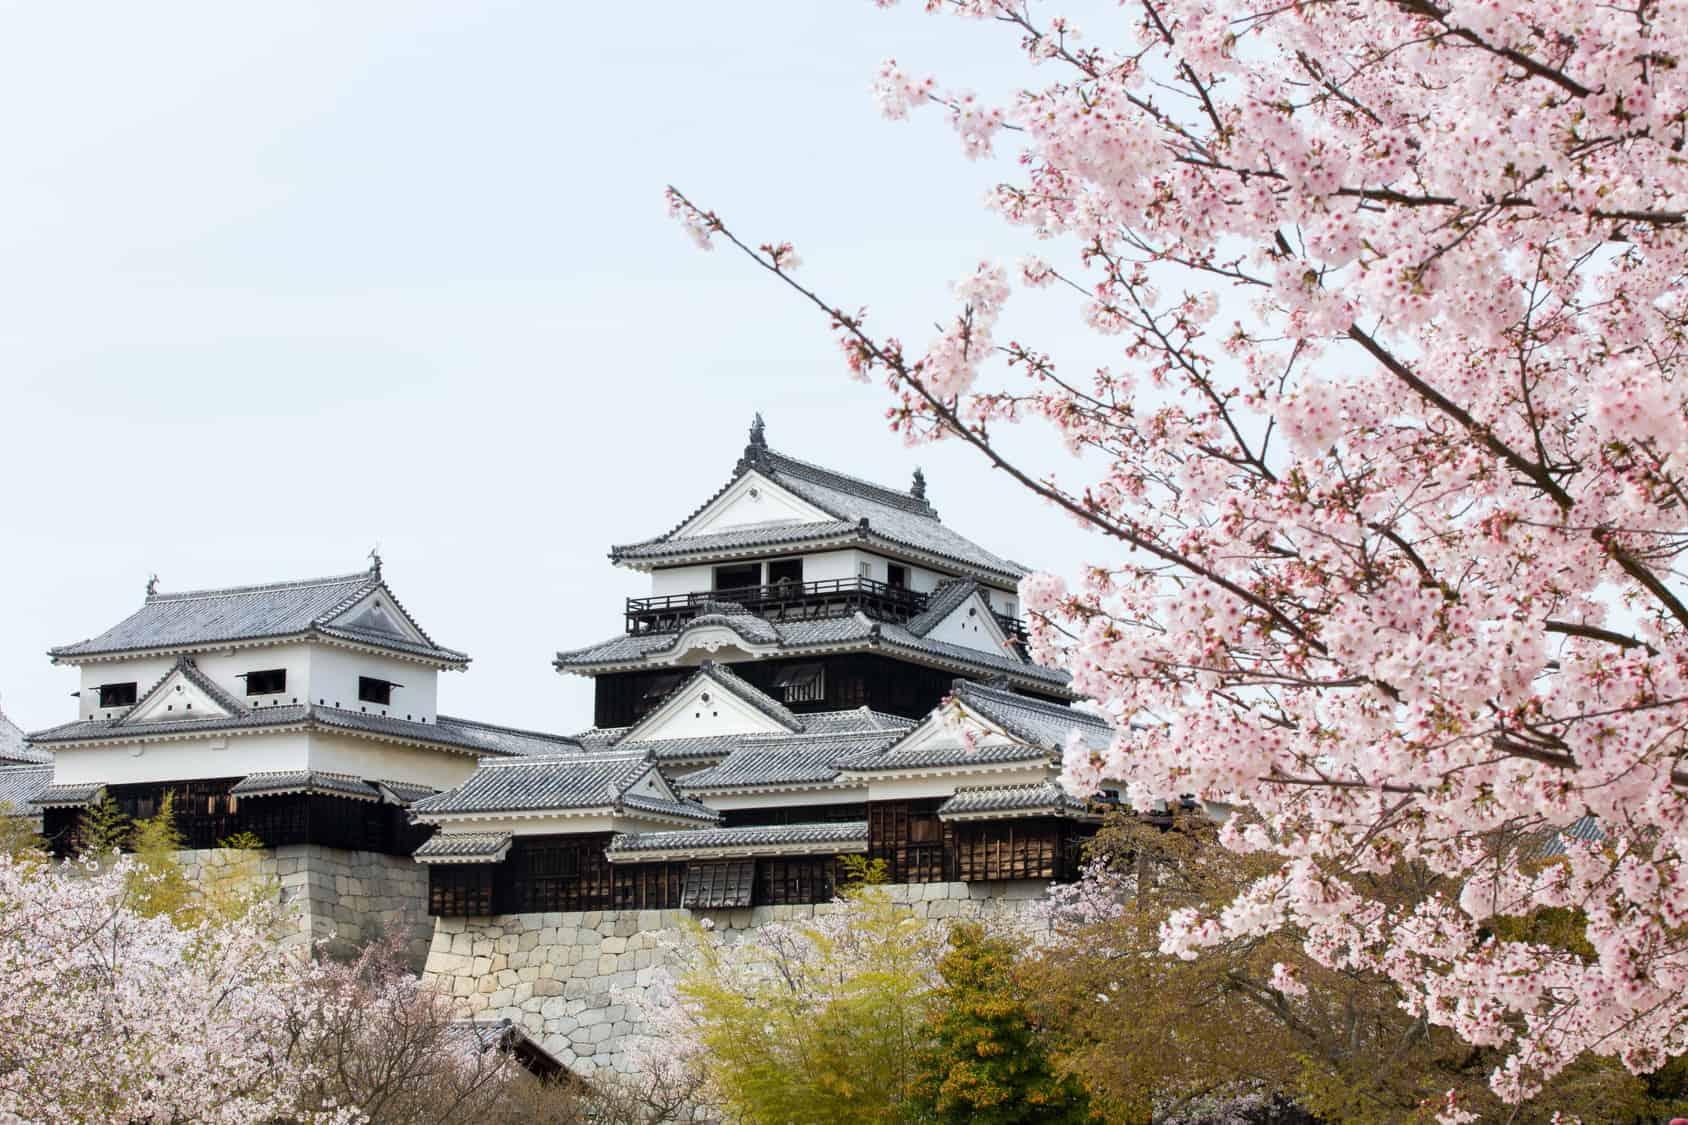 ปราสาทมัตสึยามะ (Matsuyama Castle)